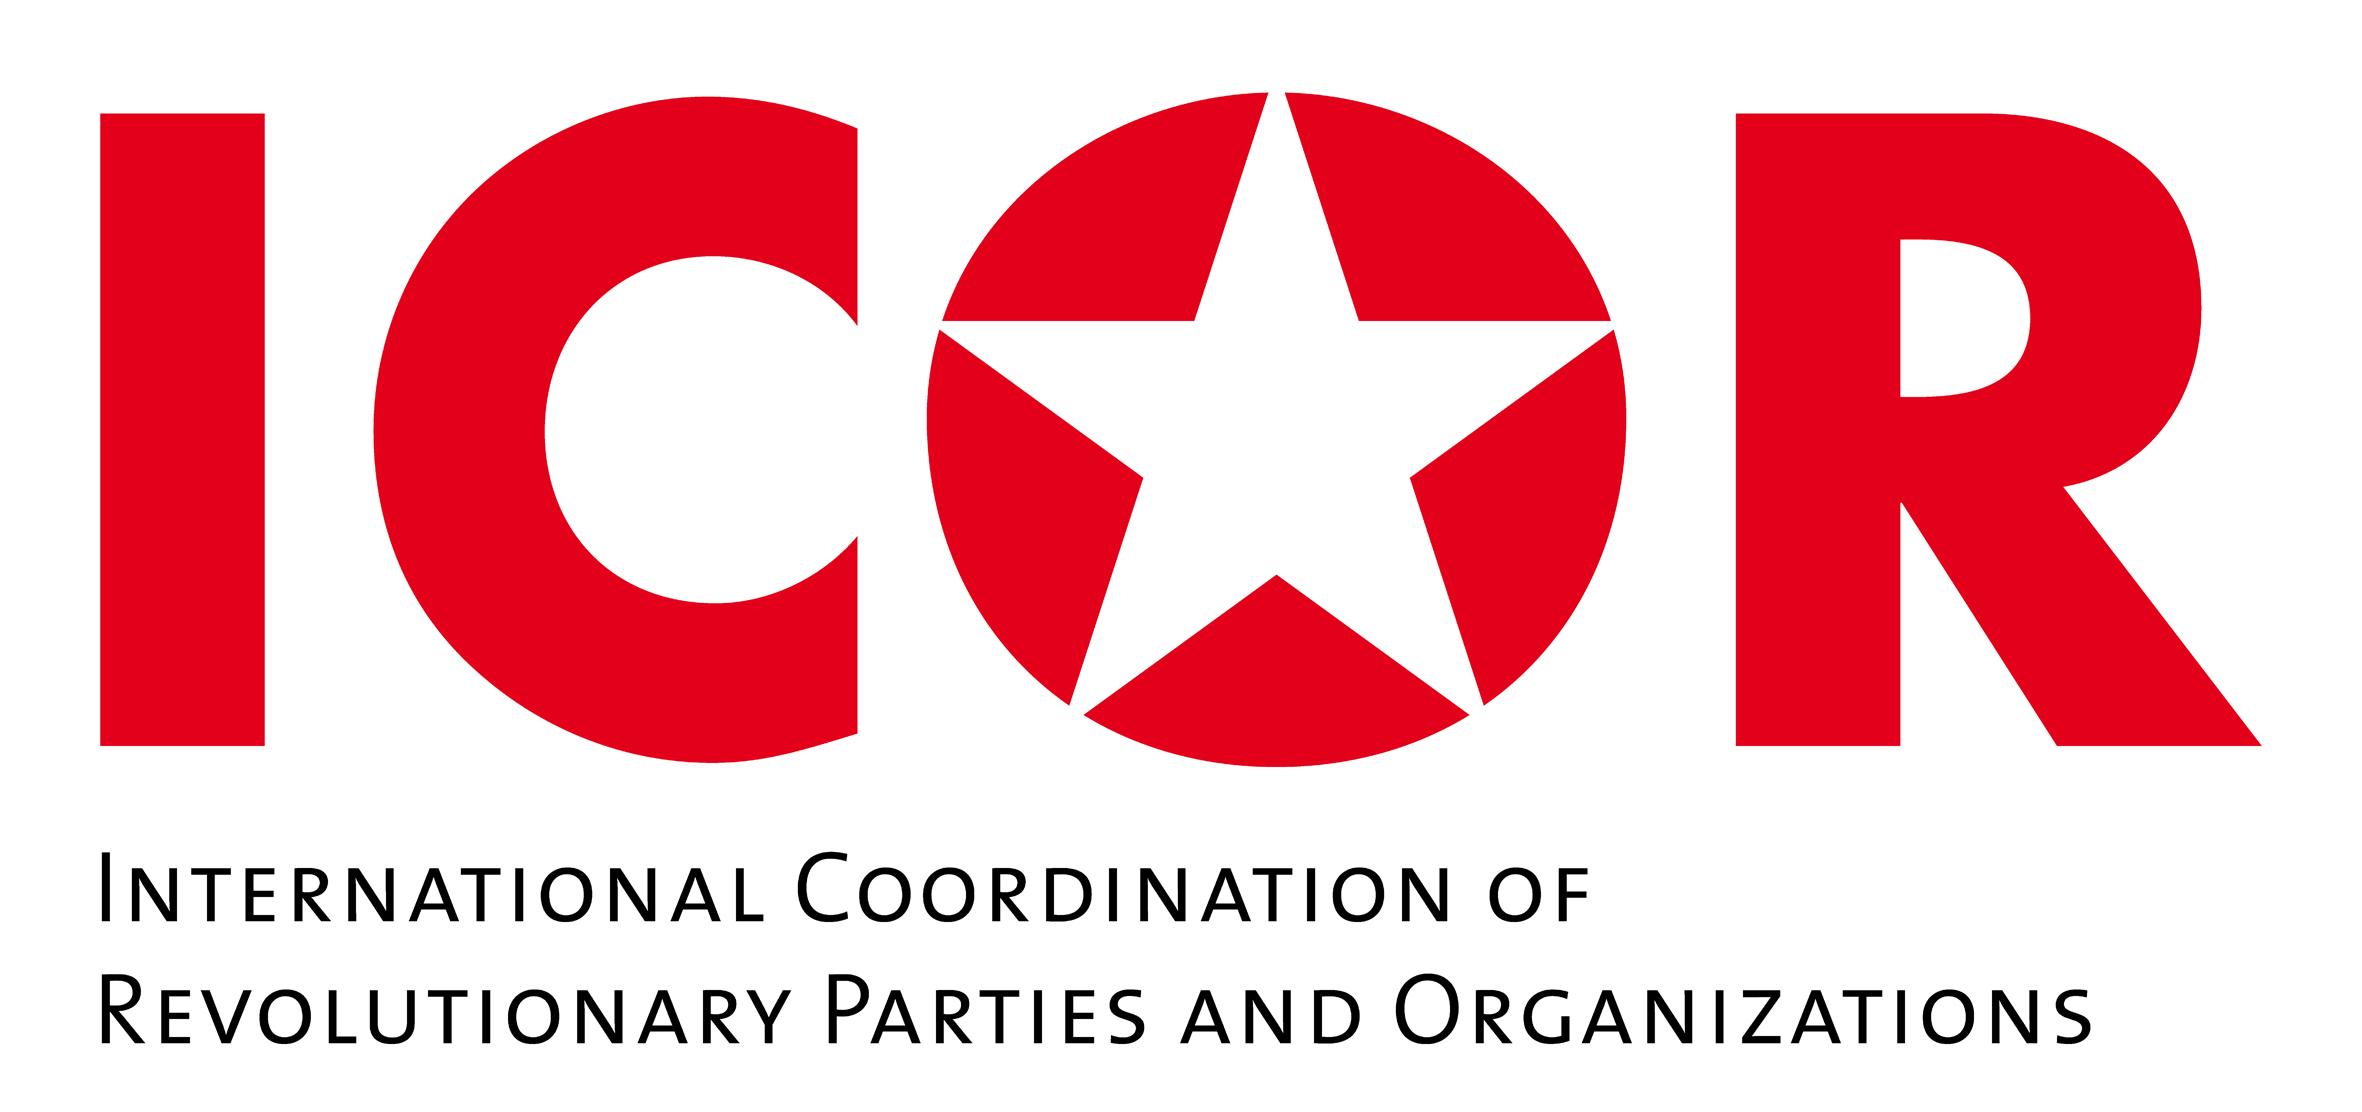 Weiterentwicklung des Solidaritätspakts der ICOR  mit dem kurdischen Befreiungskampf